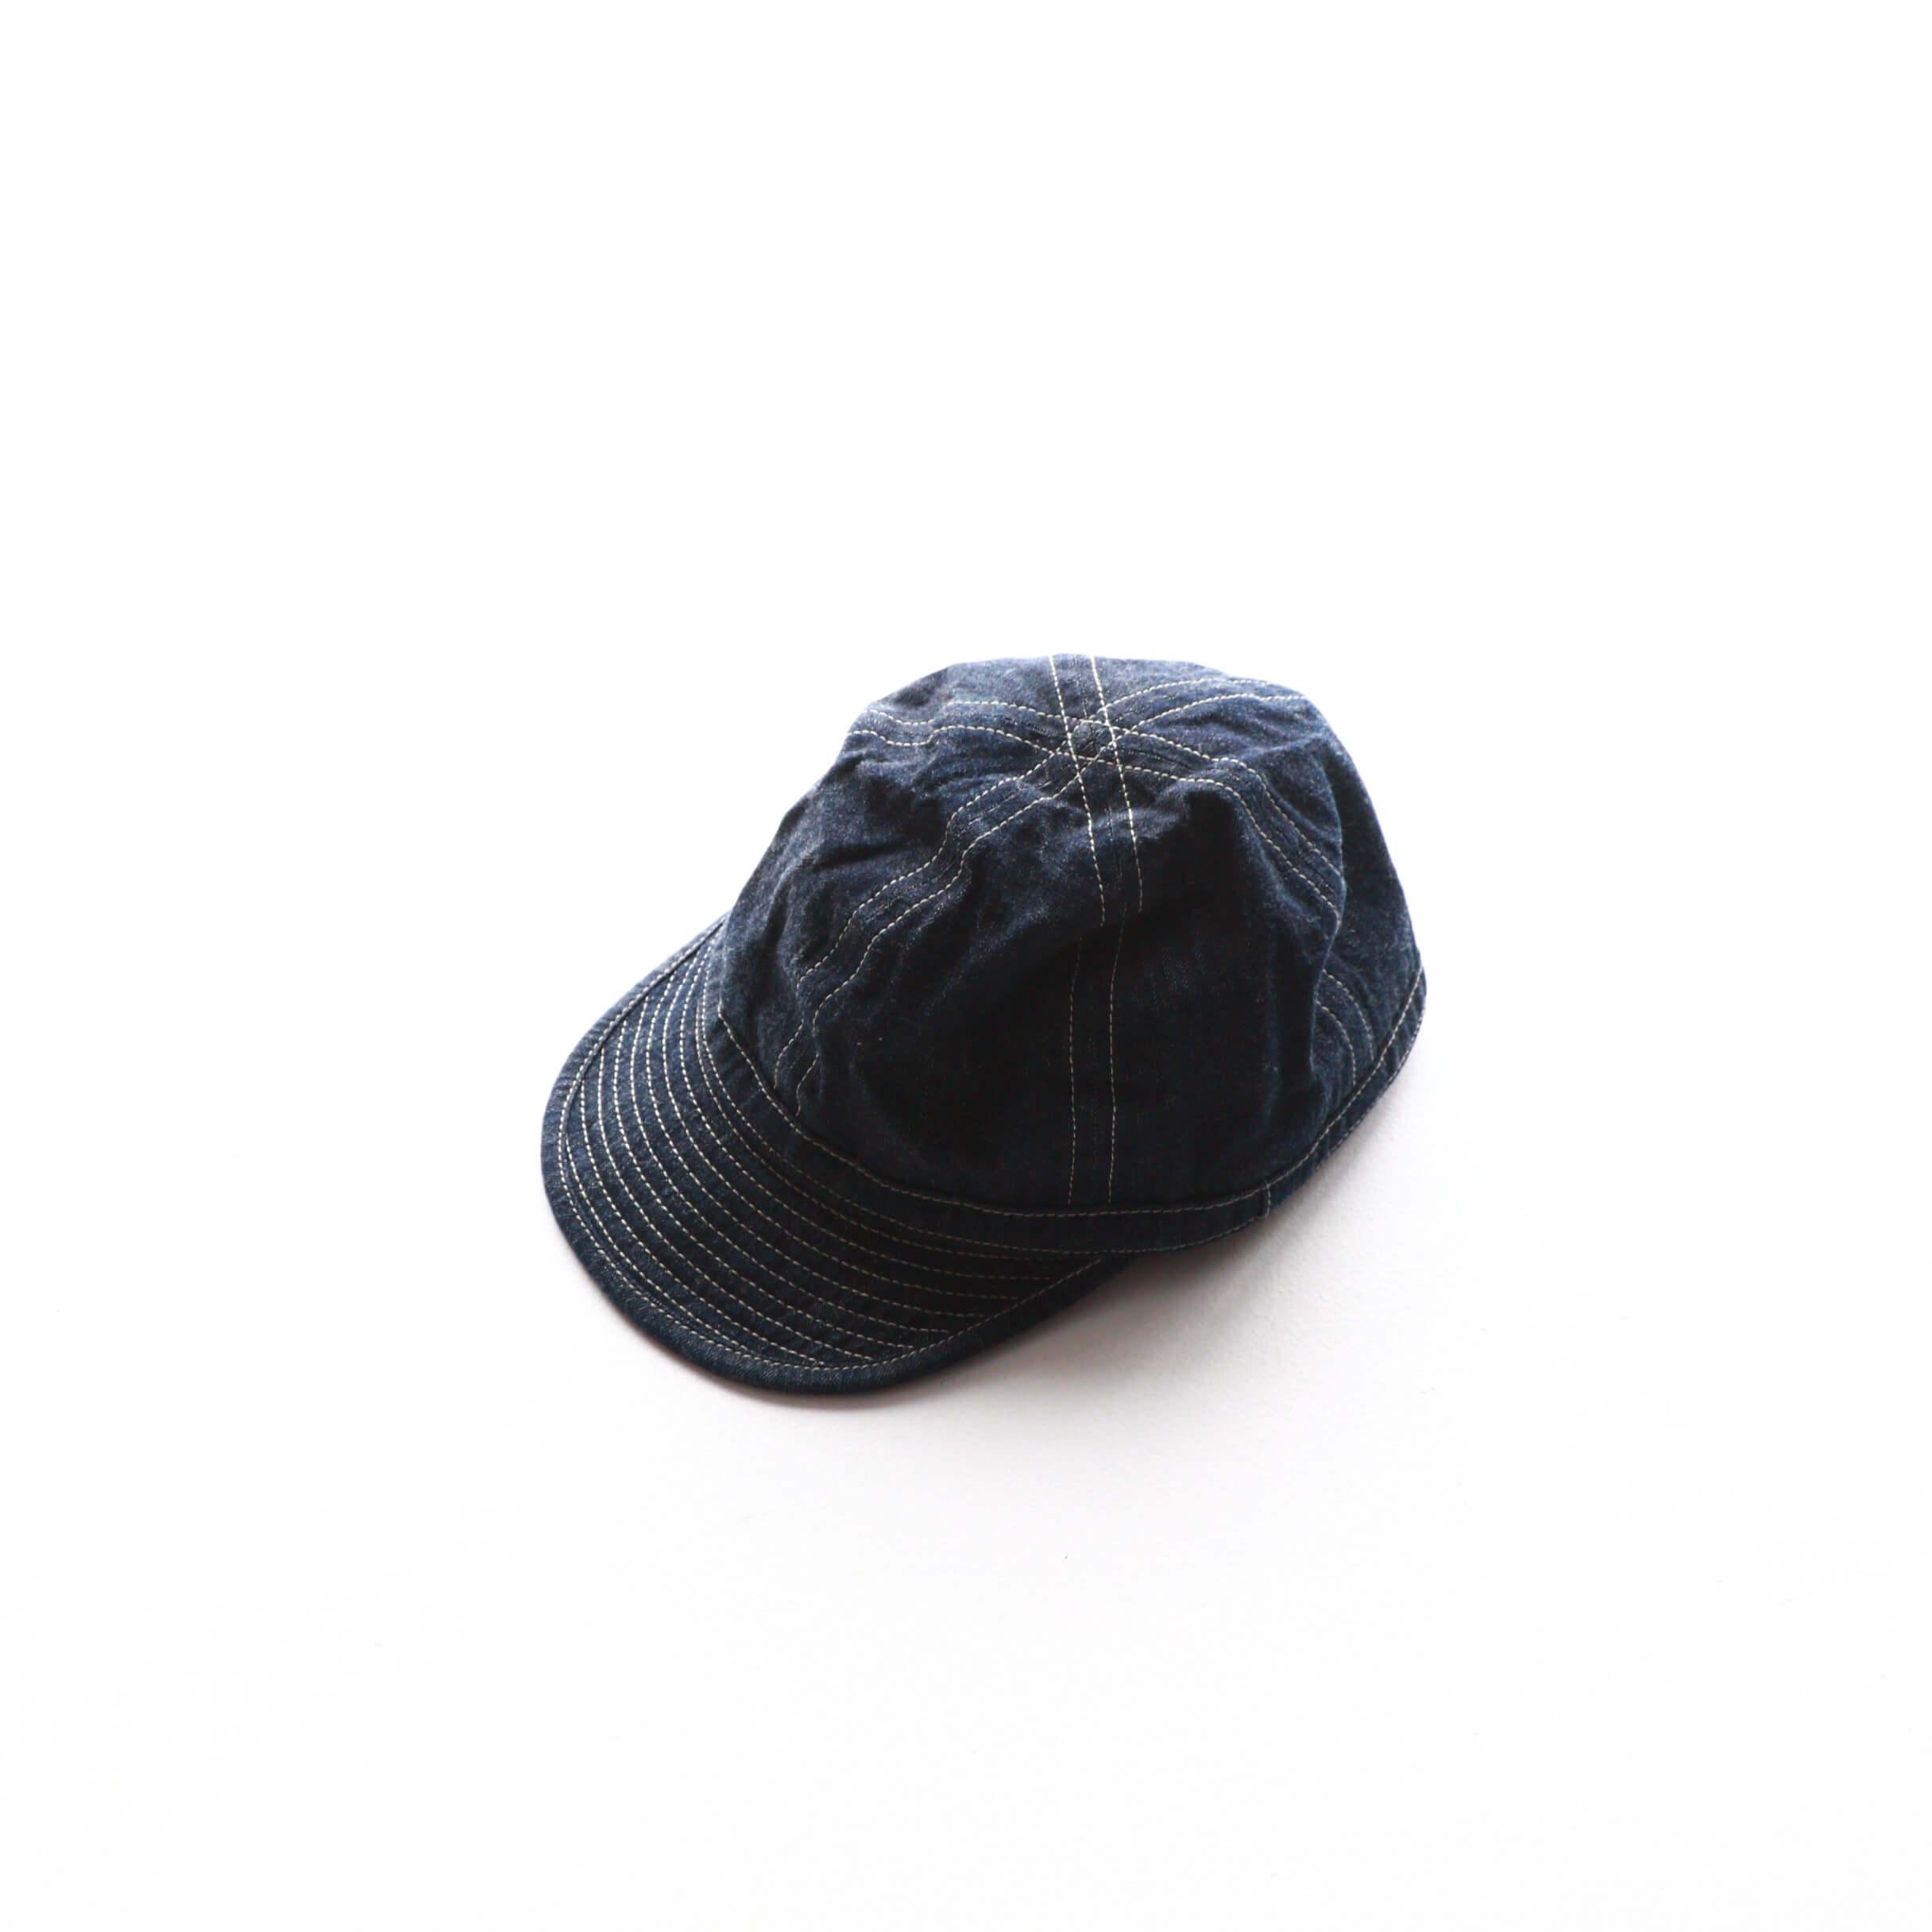 Buzz Rickson's バズリクソンズ DENIM ARMY CAP デニムアーミーキャップ